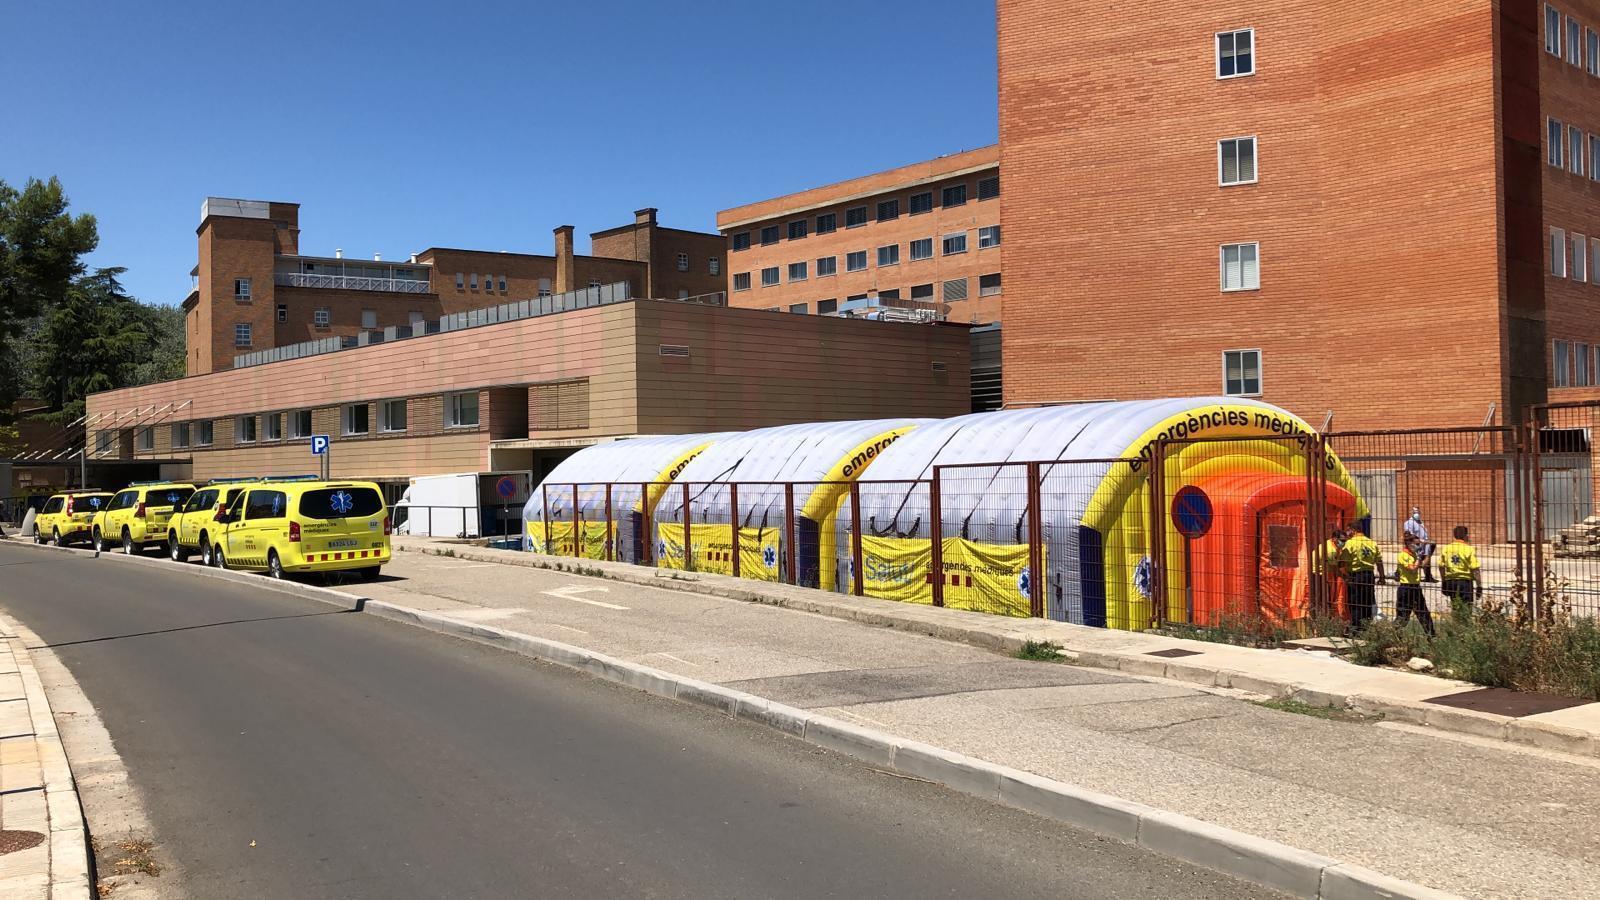 L'hospital de campanya del SEM al davant de l'Arnau de Vilanova de Lleida per atendre casos de covid-19